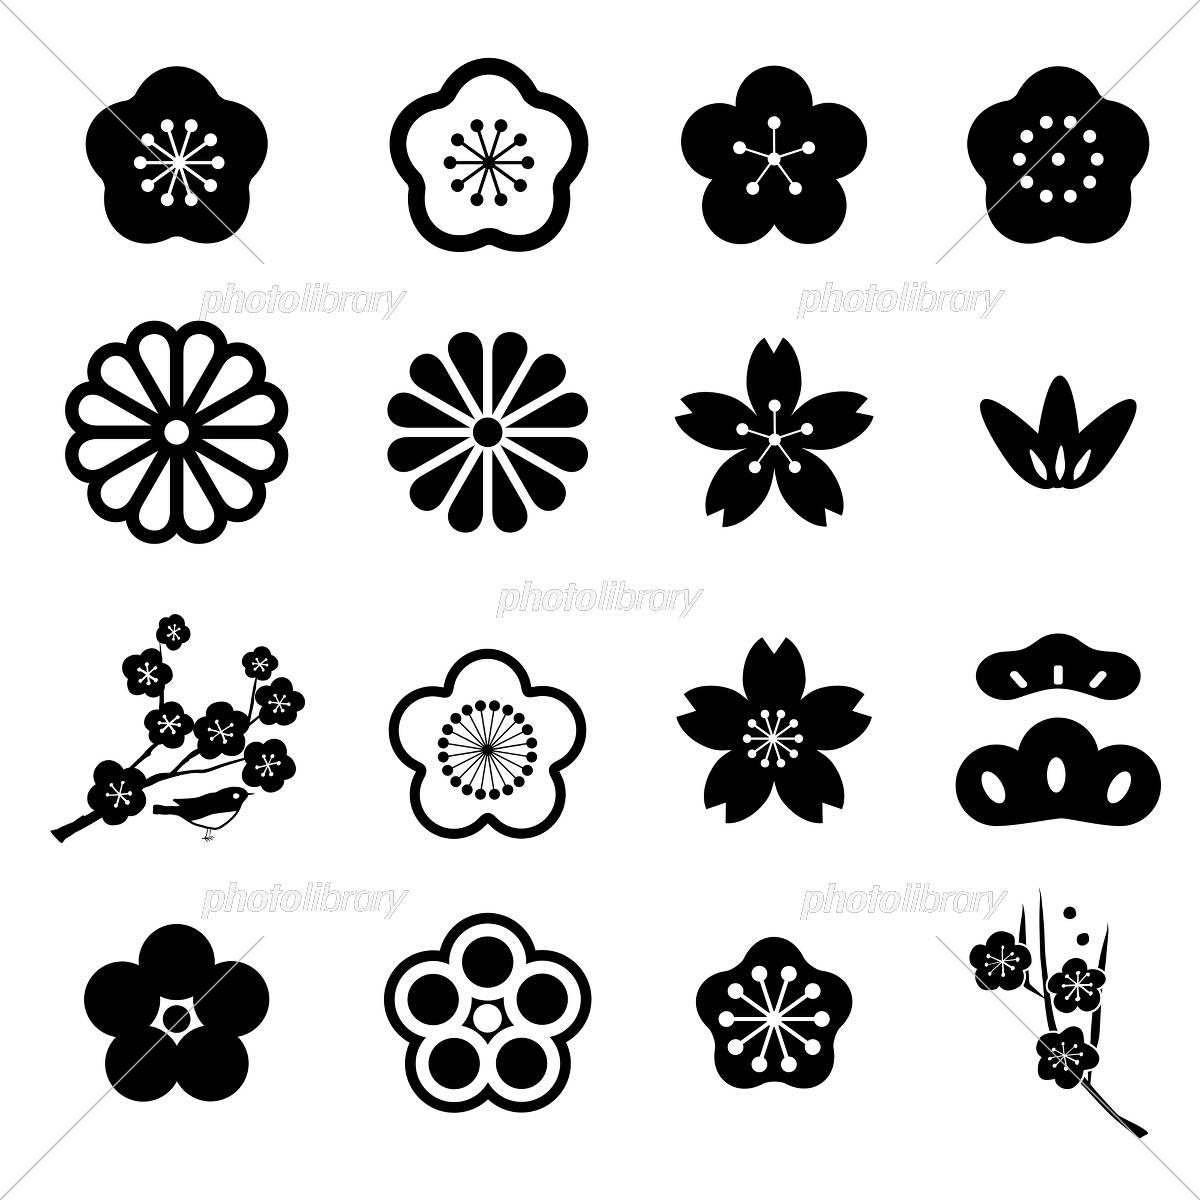 梅 菊 正月 アイコン セット 黒 イラスト素材 5809529